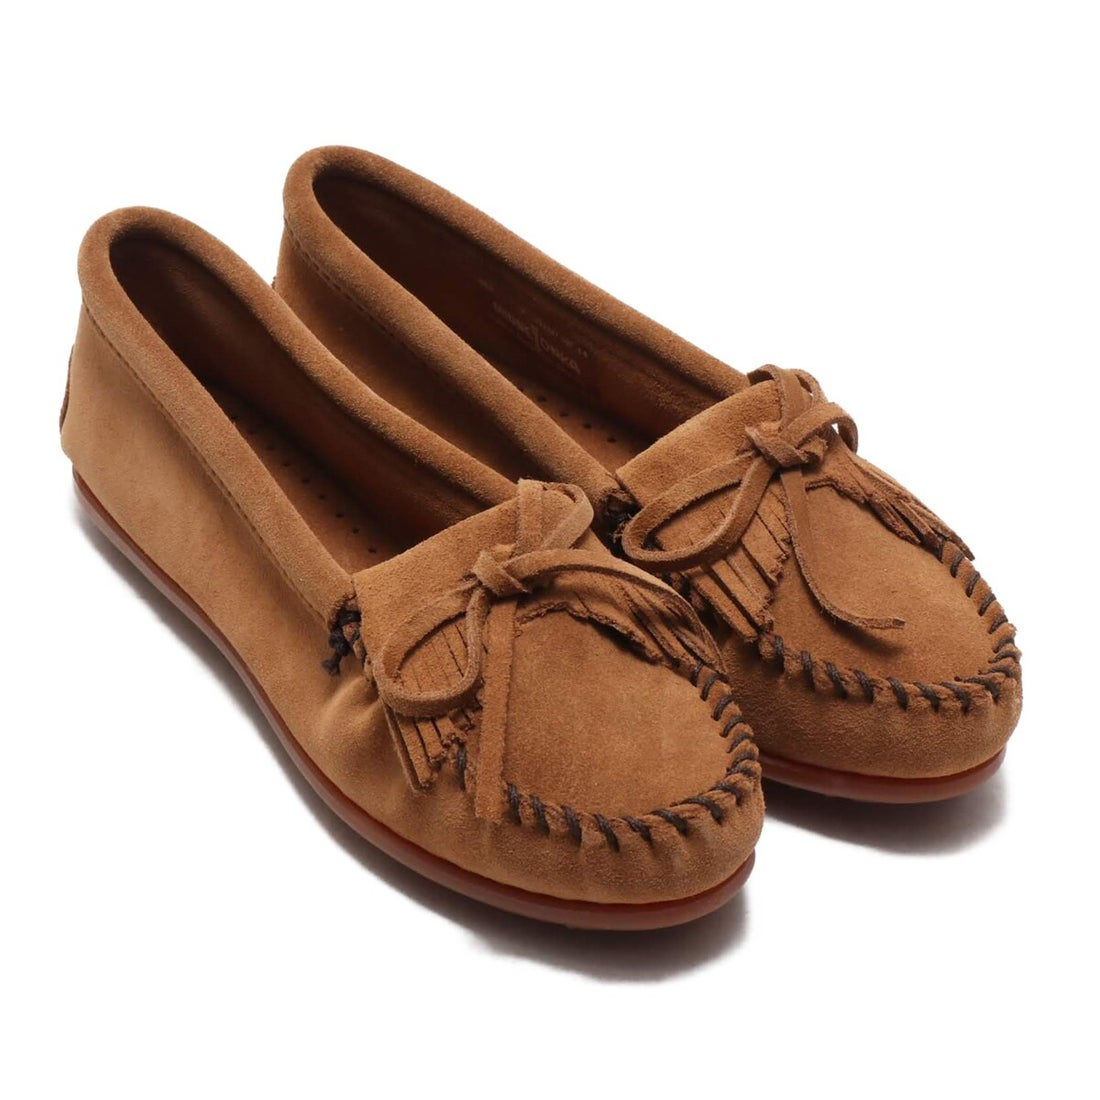 ロコンド 靴とファッションの通販サイトミネトンカ Minnetonka Minnetonka KILTY (BROWN)